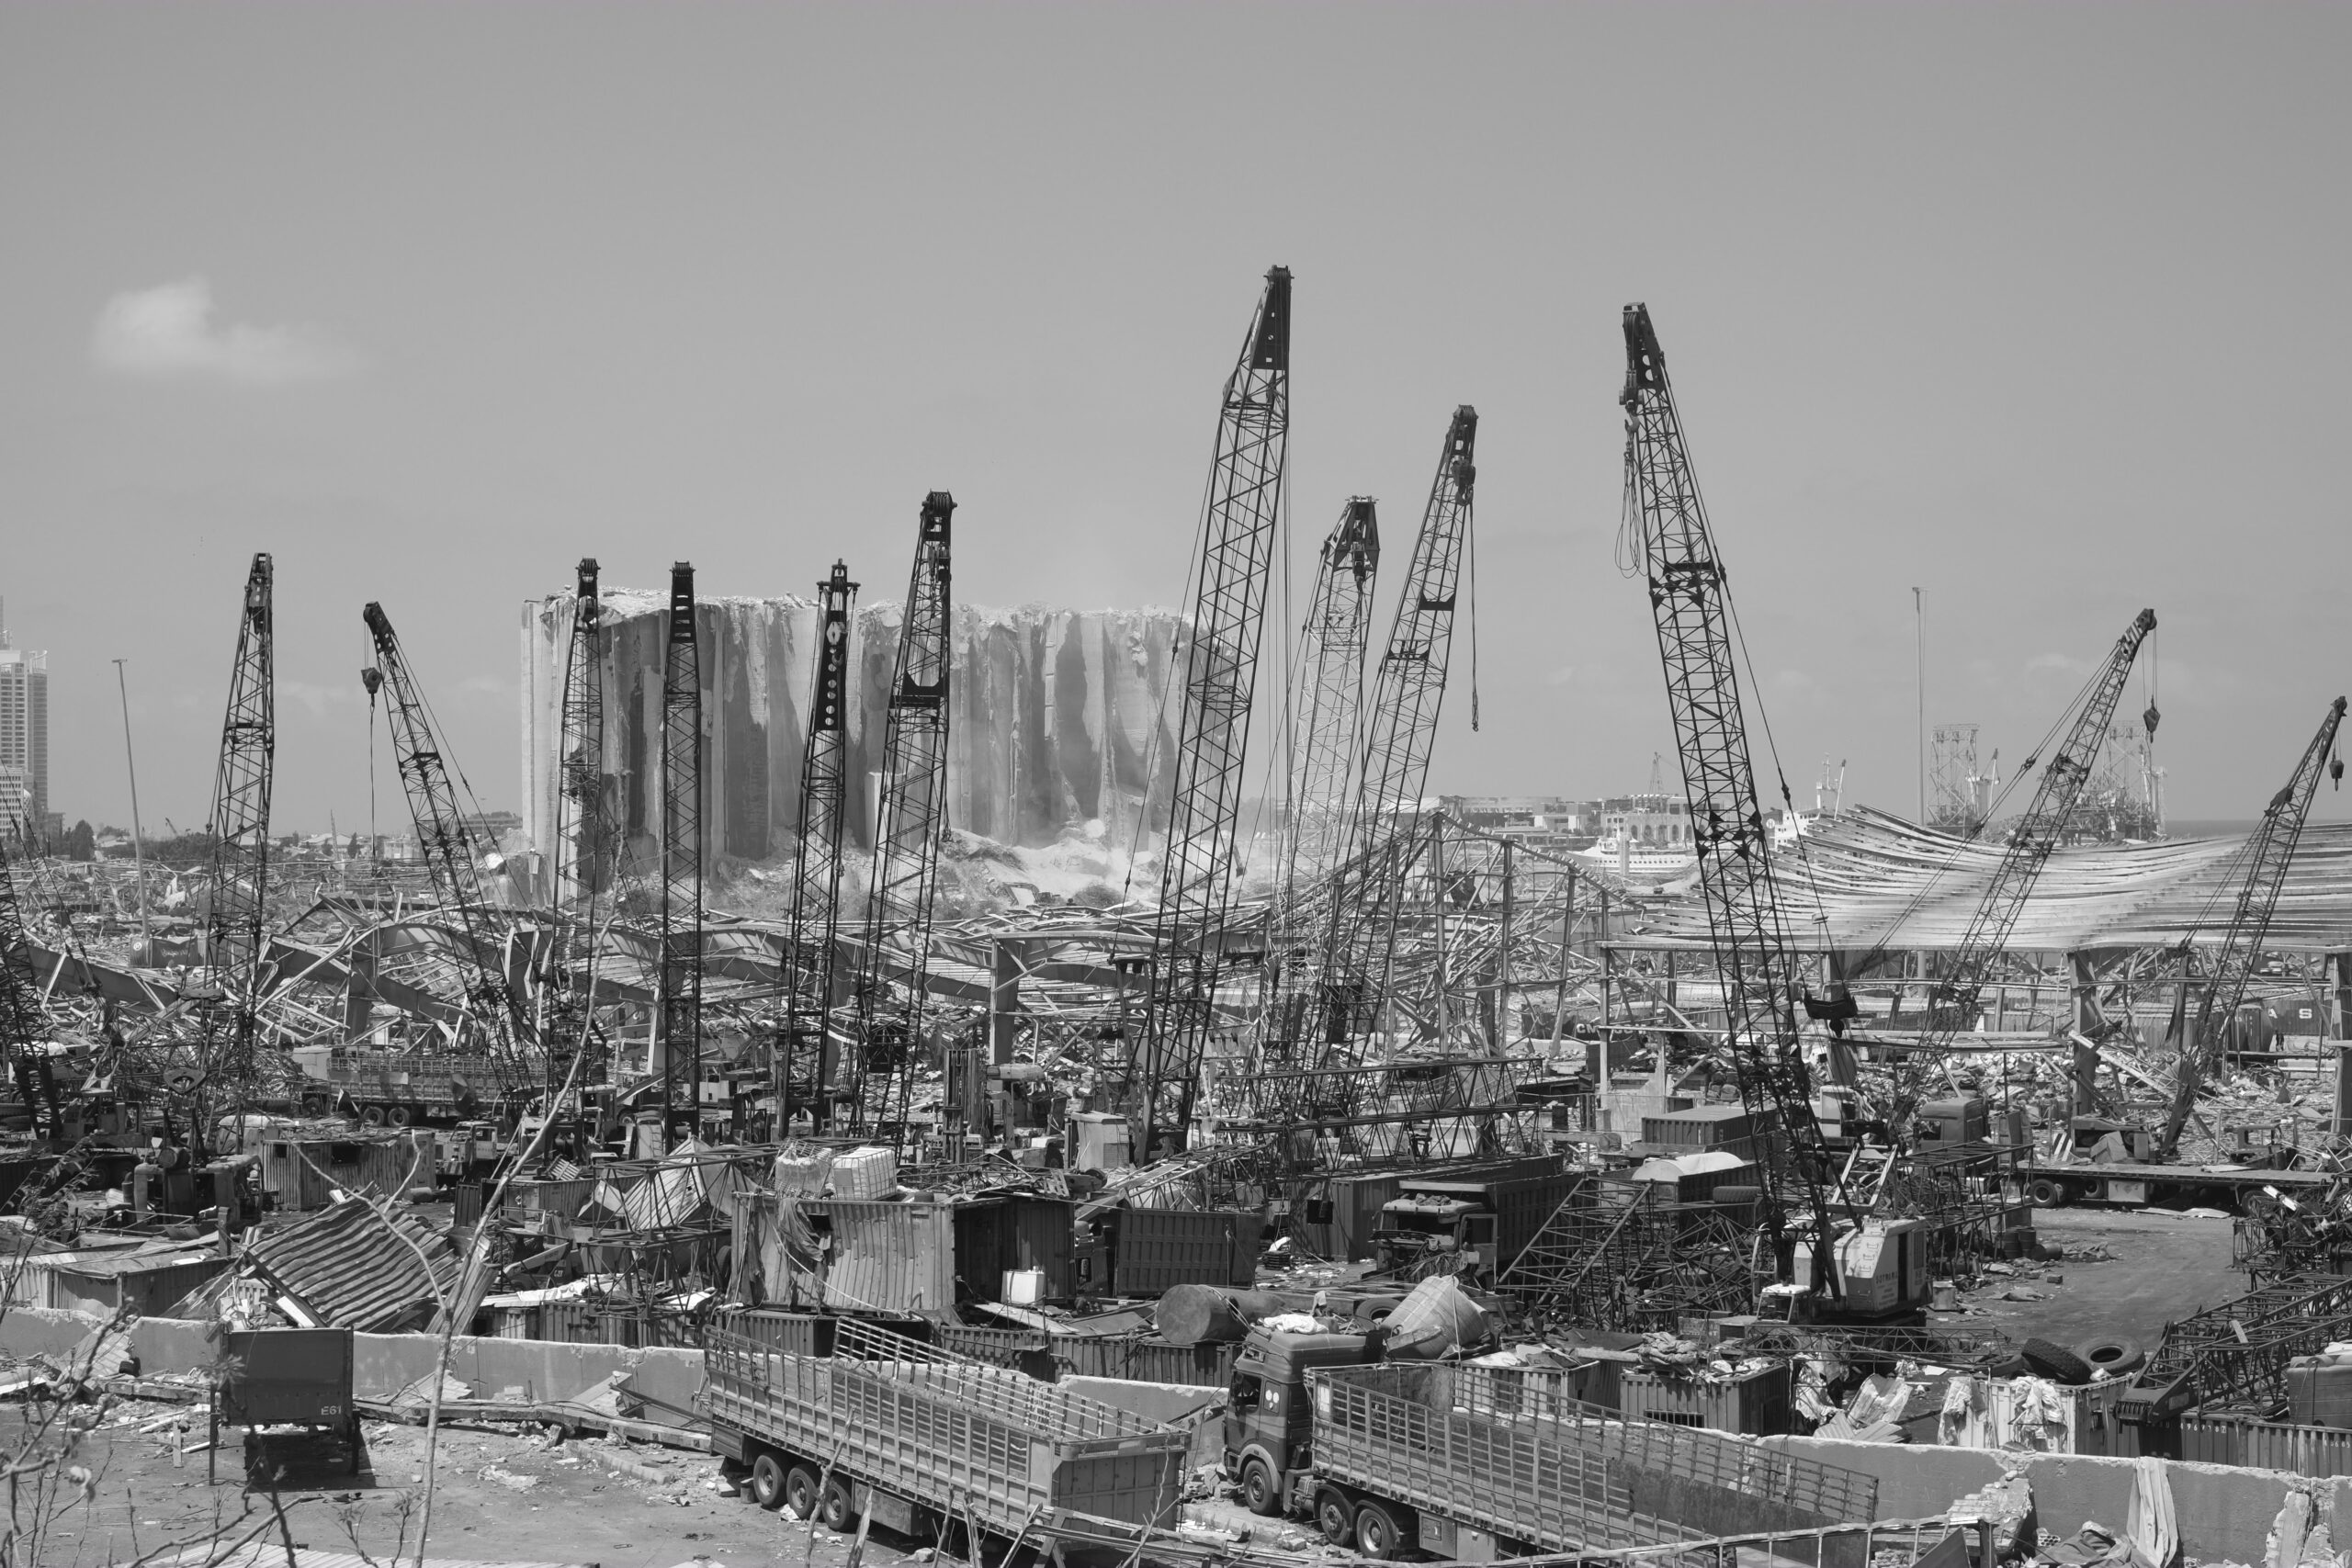 Beirut dopo l'esplosione del 4 agosto. Foto di Rashid Khreiss (da unsplash)